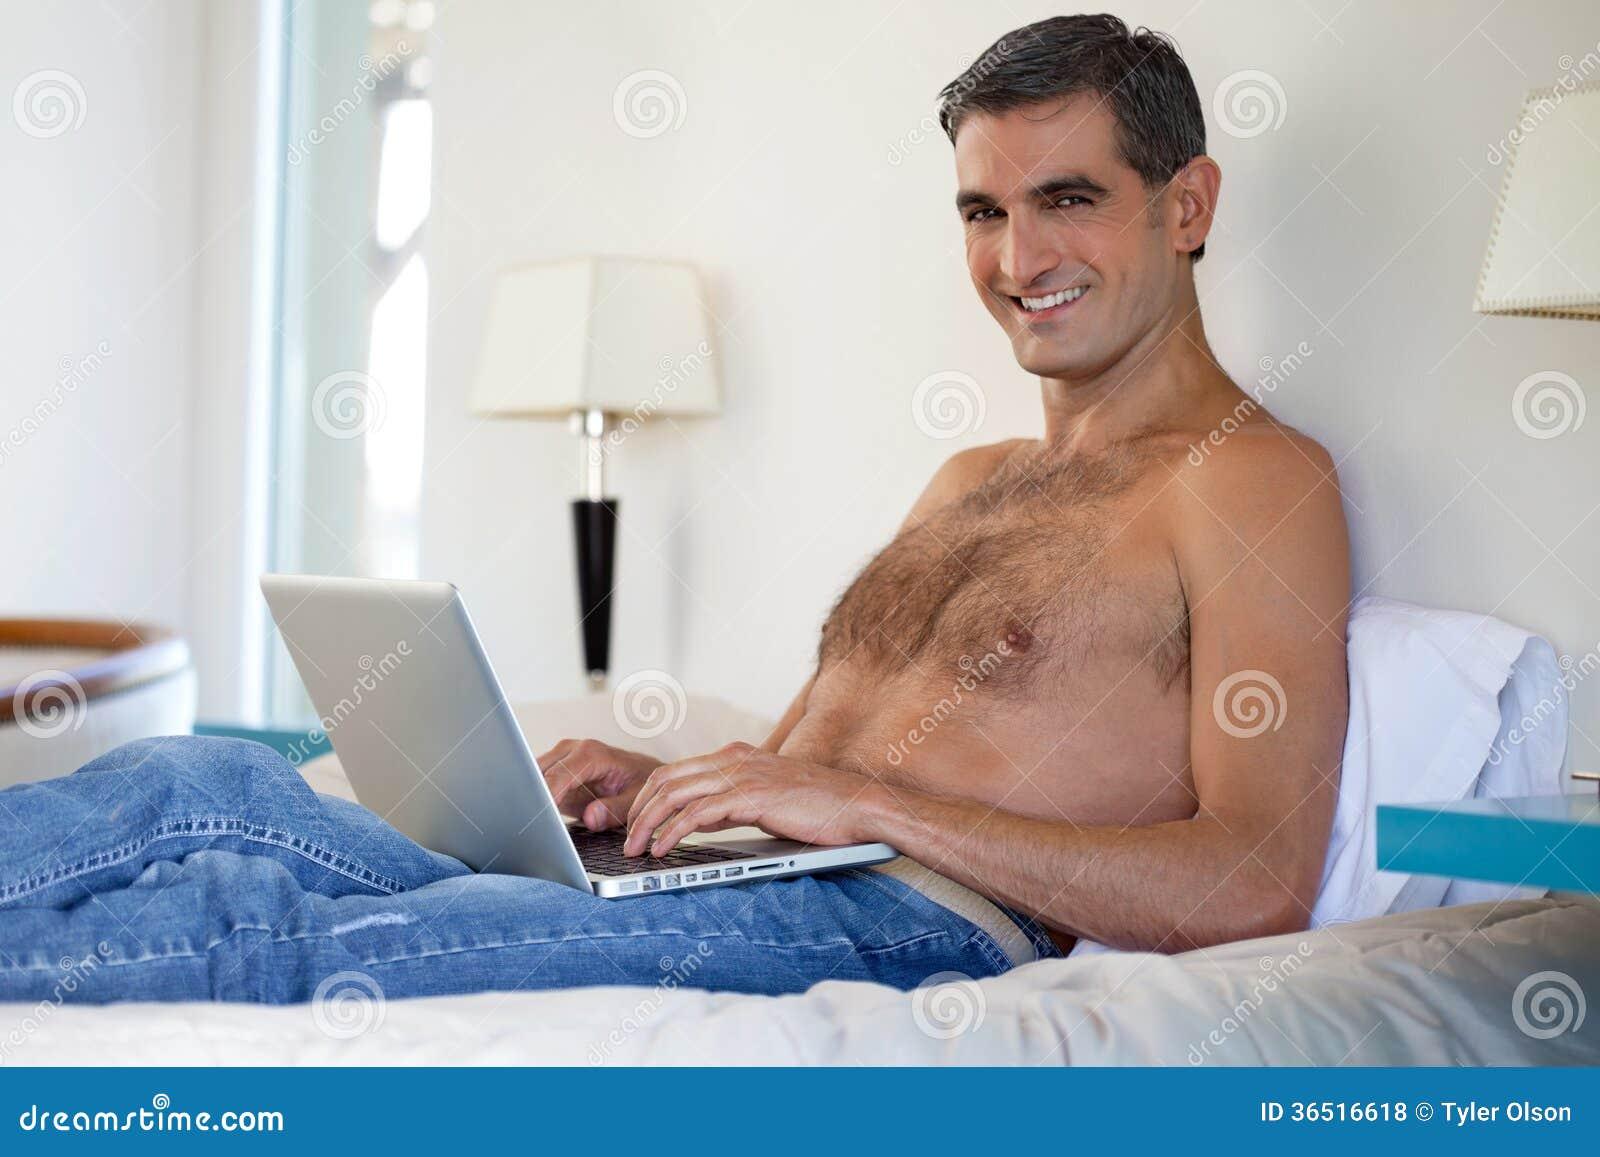 man working on laptop royalty free stock photos   image 36516618